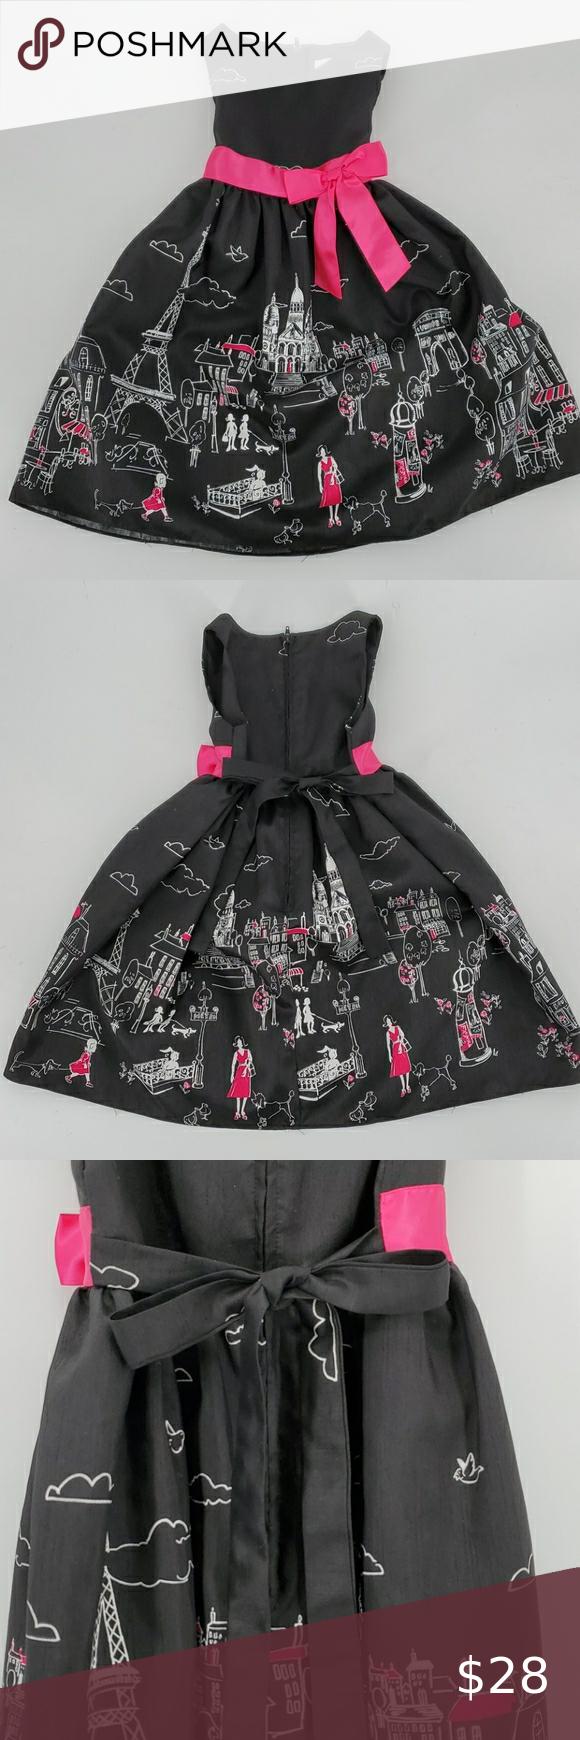 Rare Editions Toddler Black Paris Dress Size 4t Rare Editions Dress Paris Dresses Rare Editions [ 1740 x 580 Pixel ]